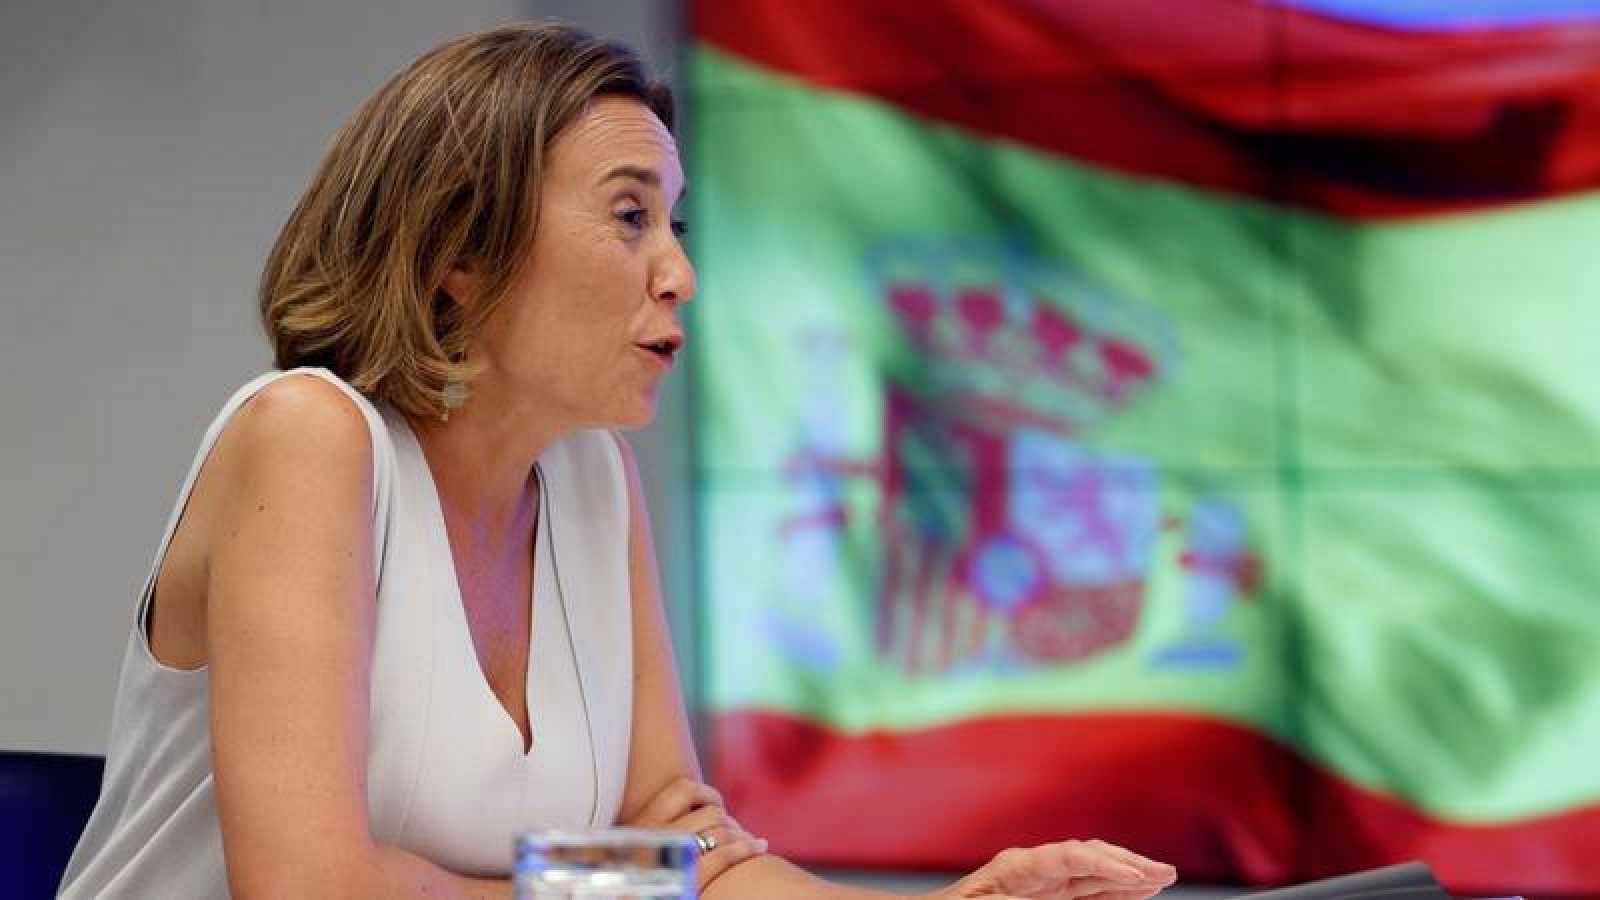 La portavoz del PP, Cuca Gamarra, ha registrado la petición en el Congreso